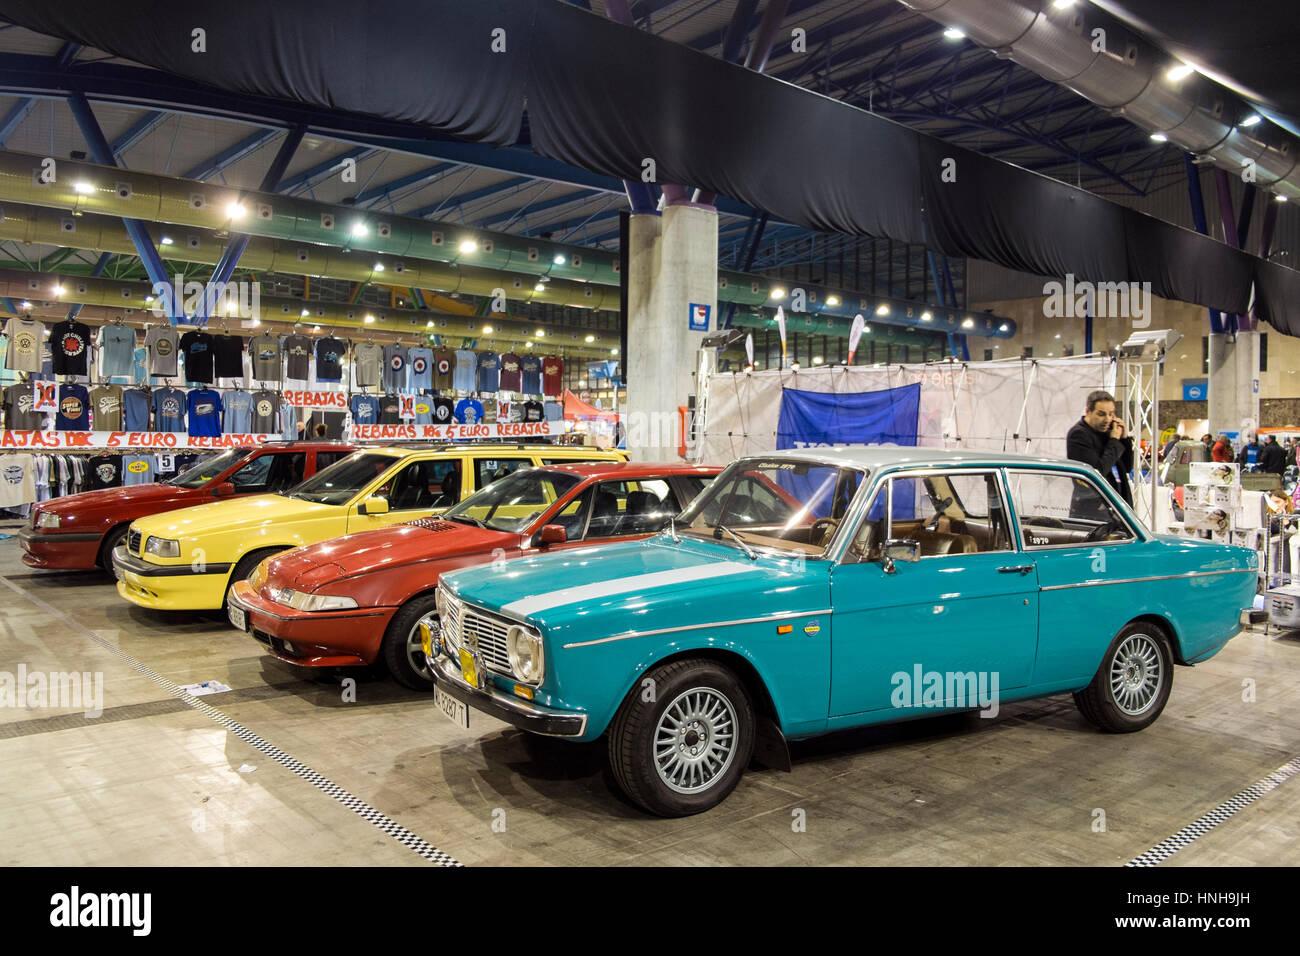 Volvo cars at Retro Málaga 2017 - Stock Image